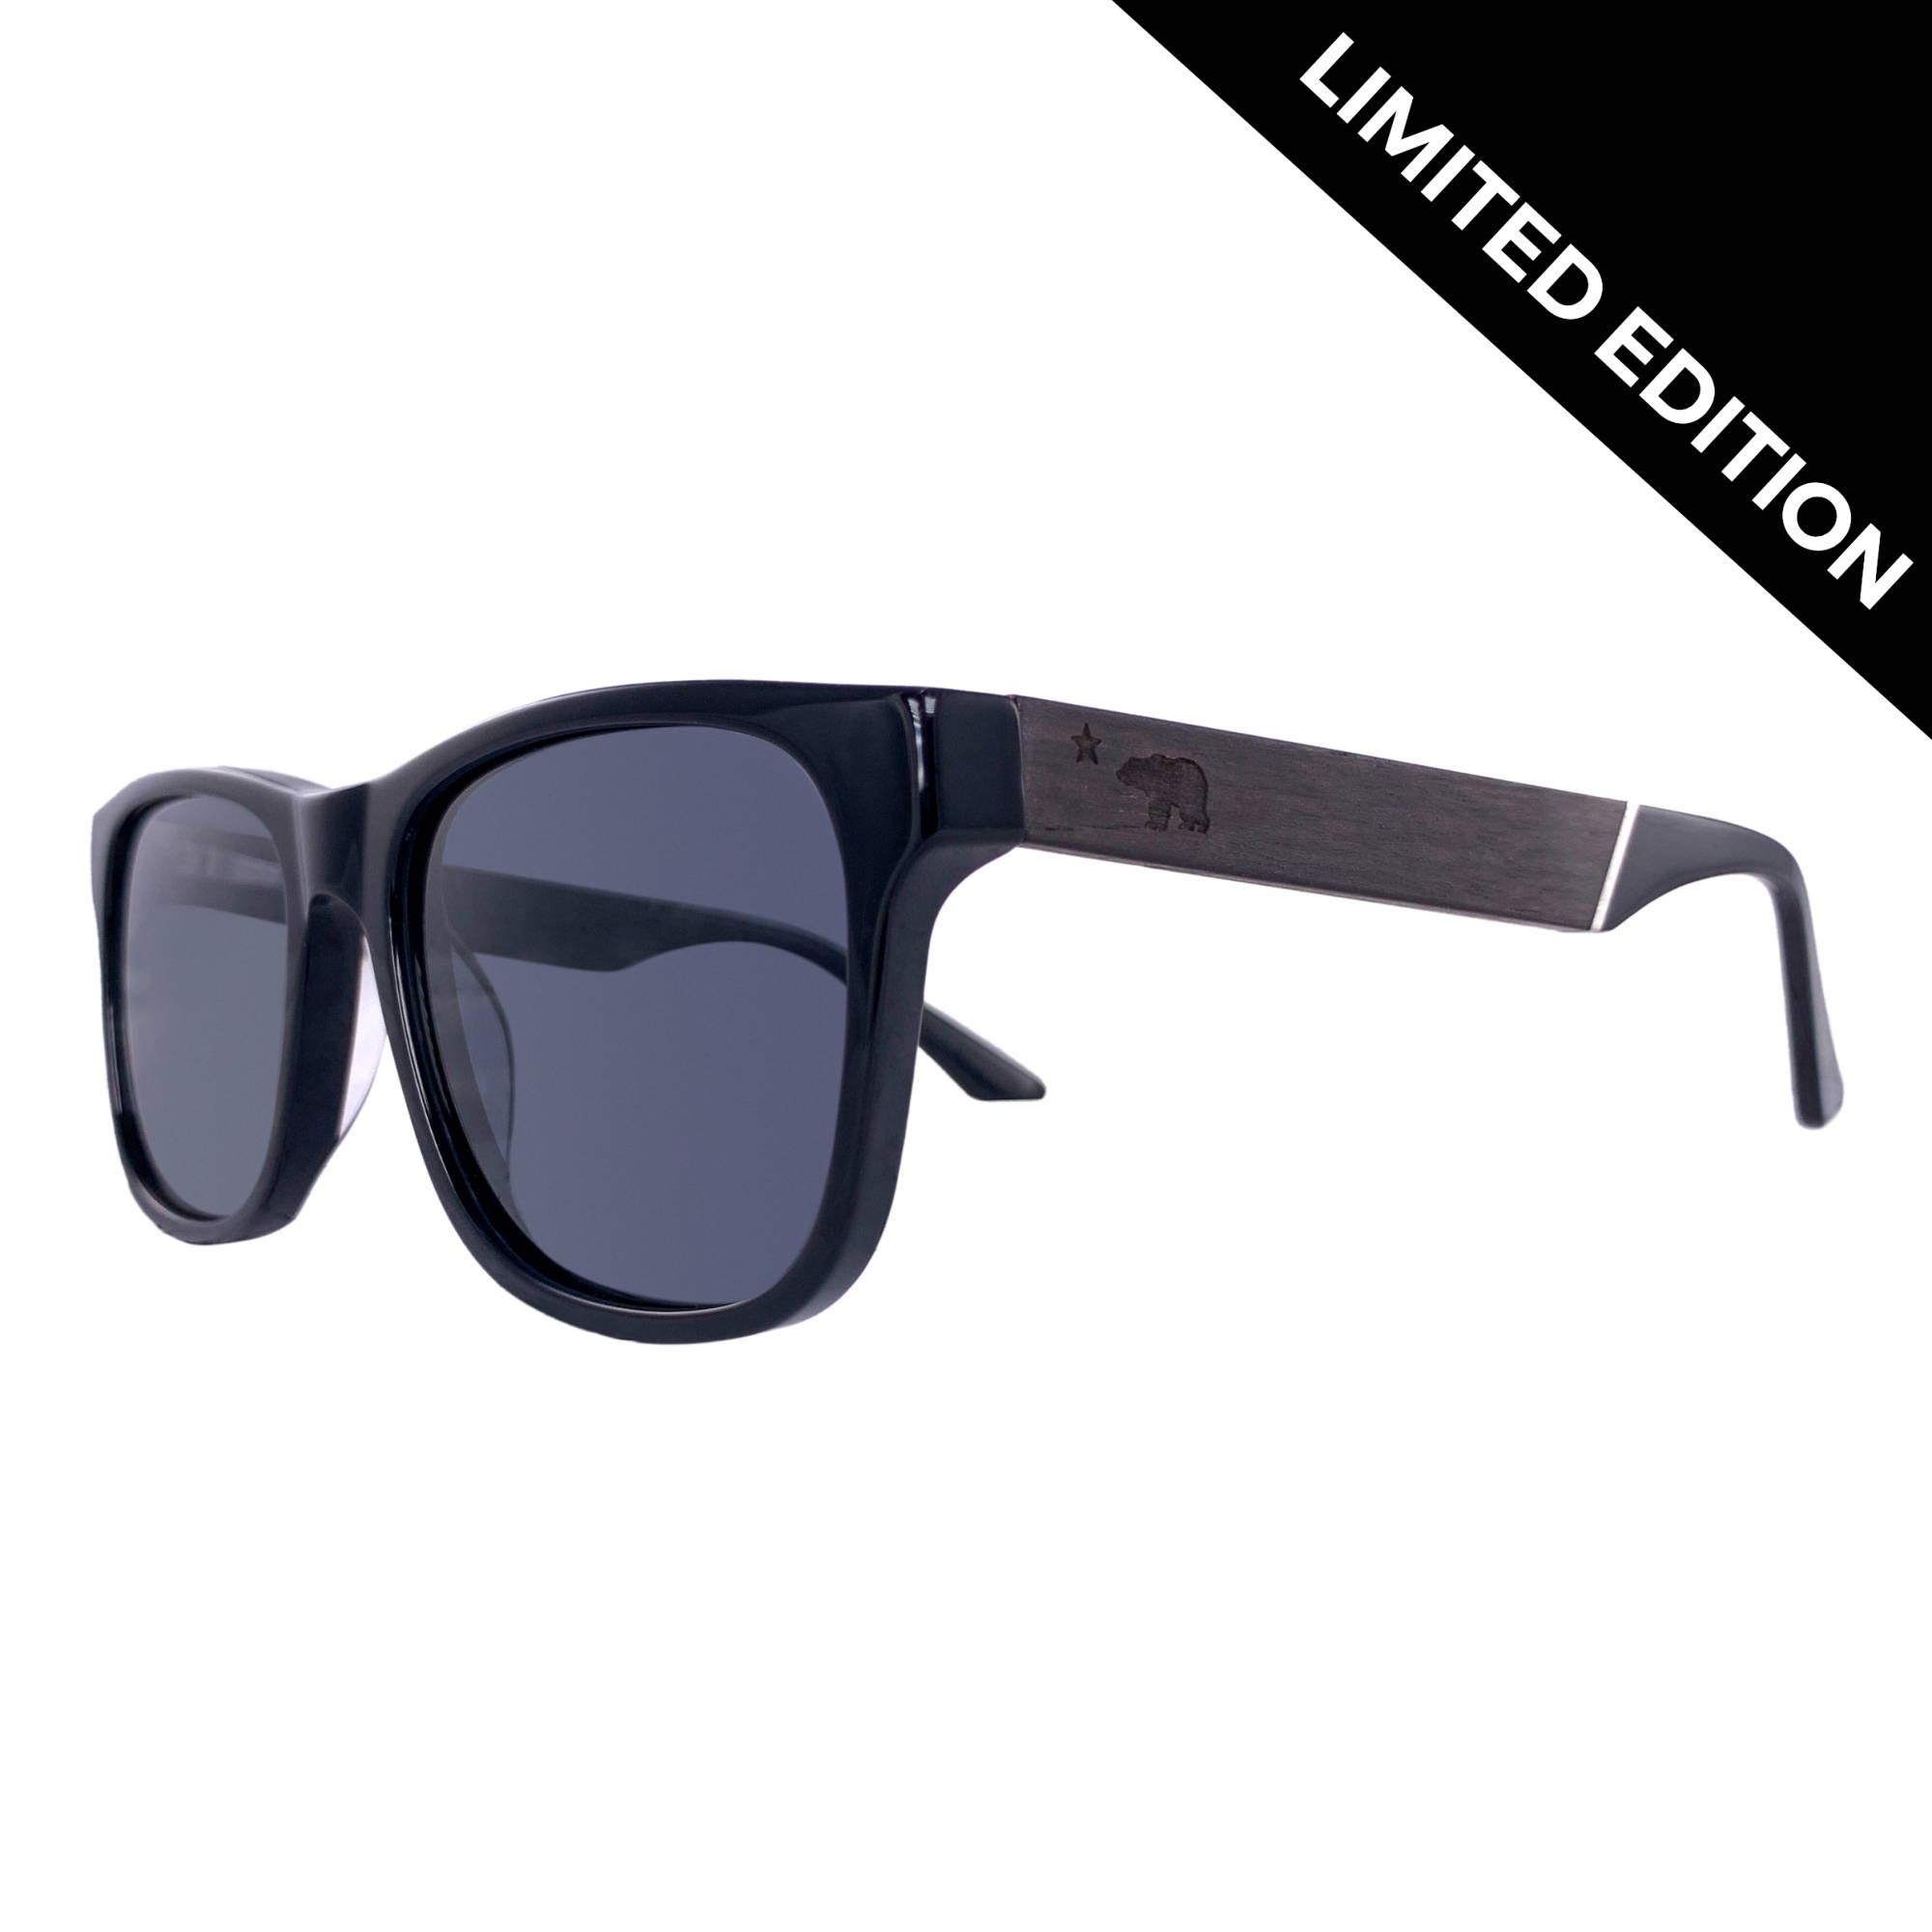 Pismo Beach Sunglasses